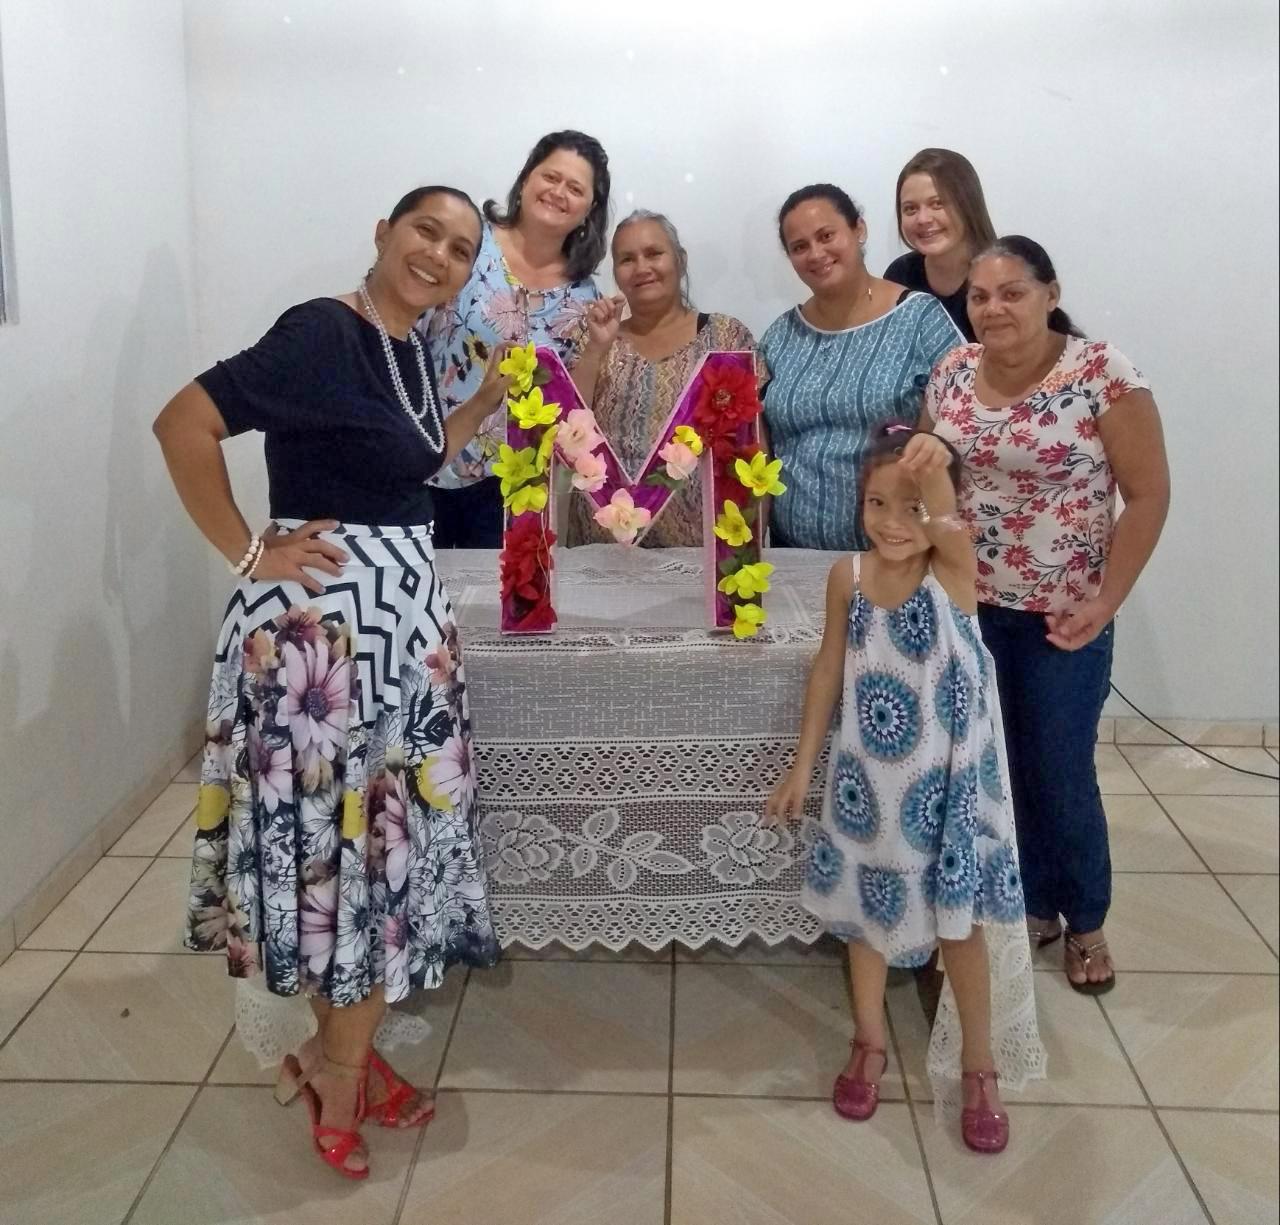 Reunião de Mulheres 1